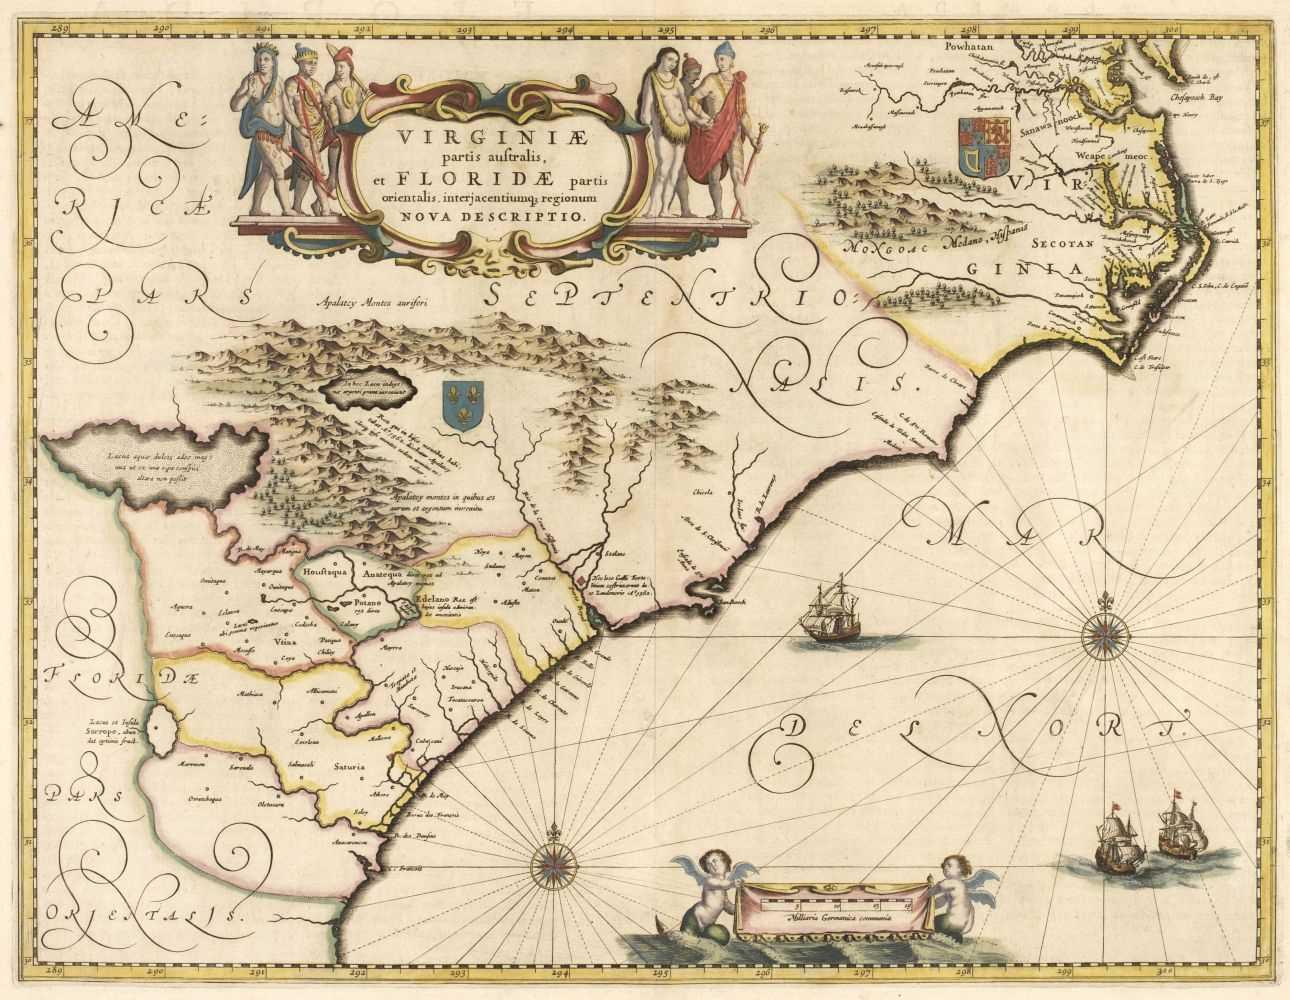 Lot 511 - North America. Jansson (Jan), Virginiae partis Australis et Floridae partis Orientalis, circa 1641